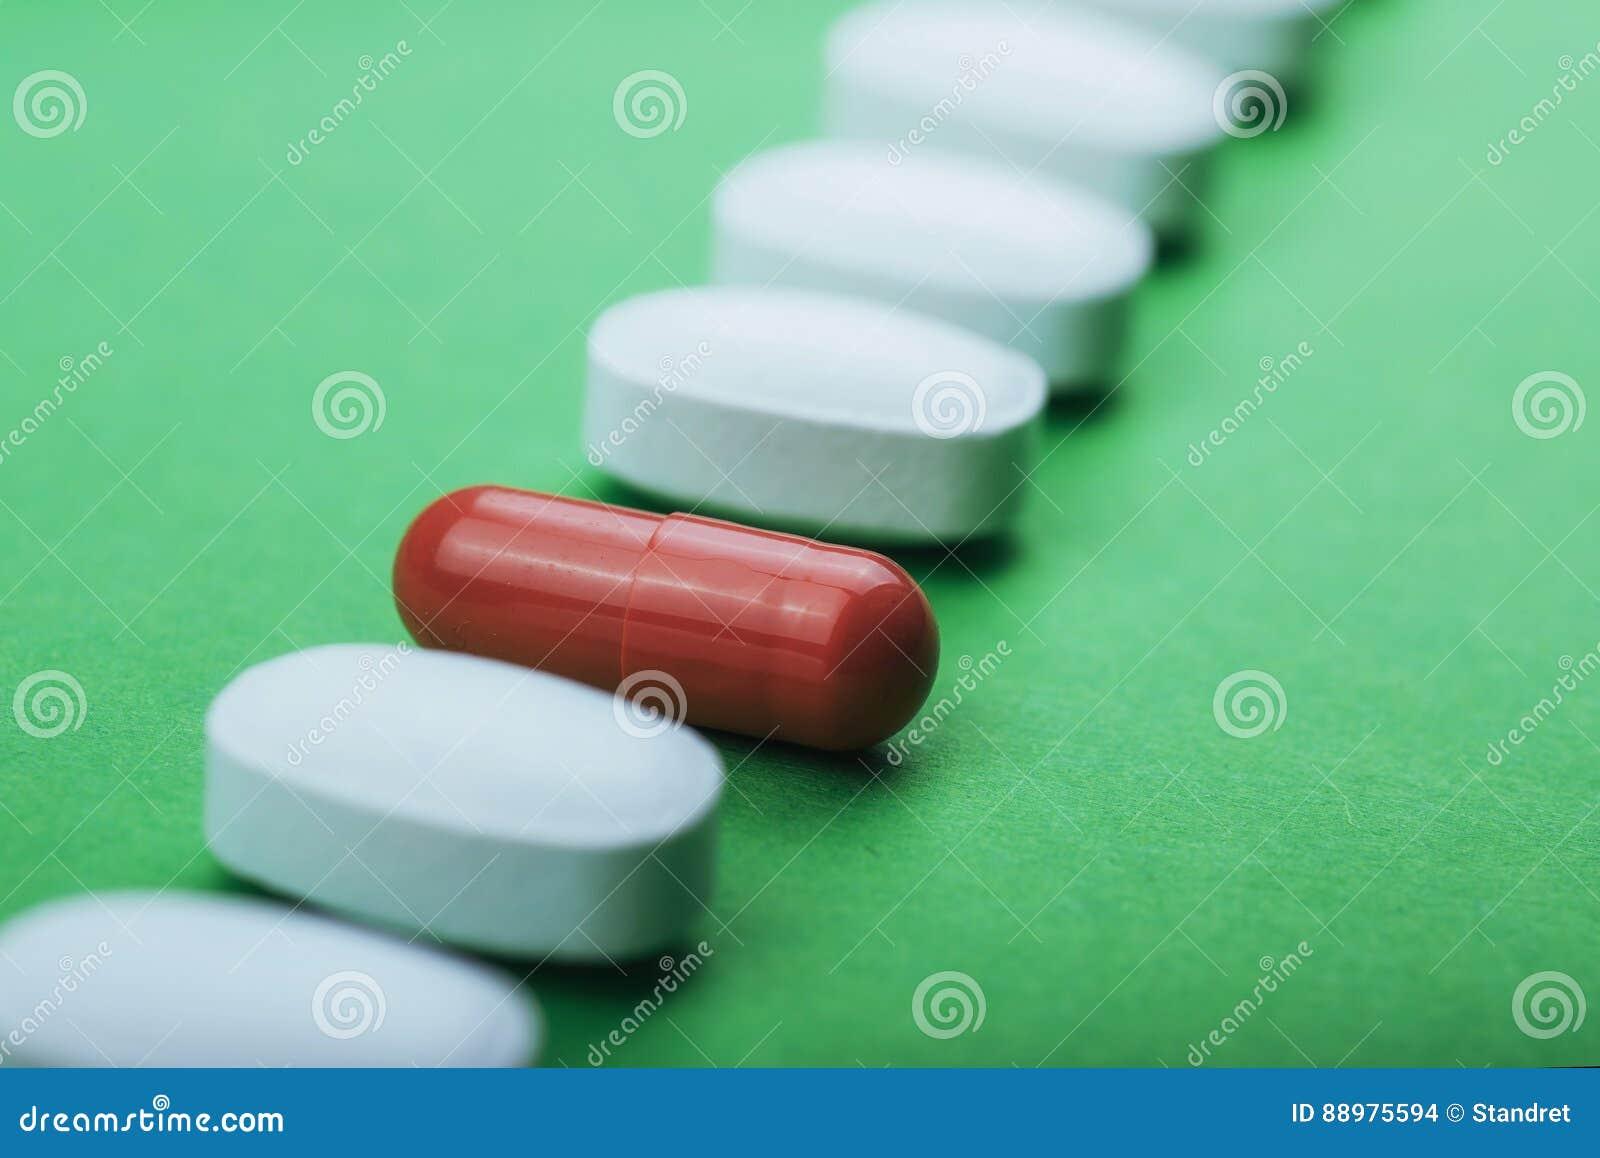 Comprimidos brancos médicos e cápsulas marrons para o tratamento e os cuidados médicos em um fundo verde